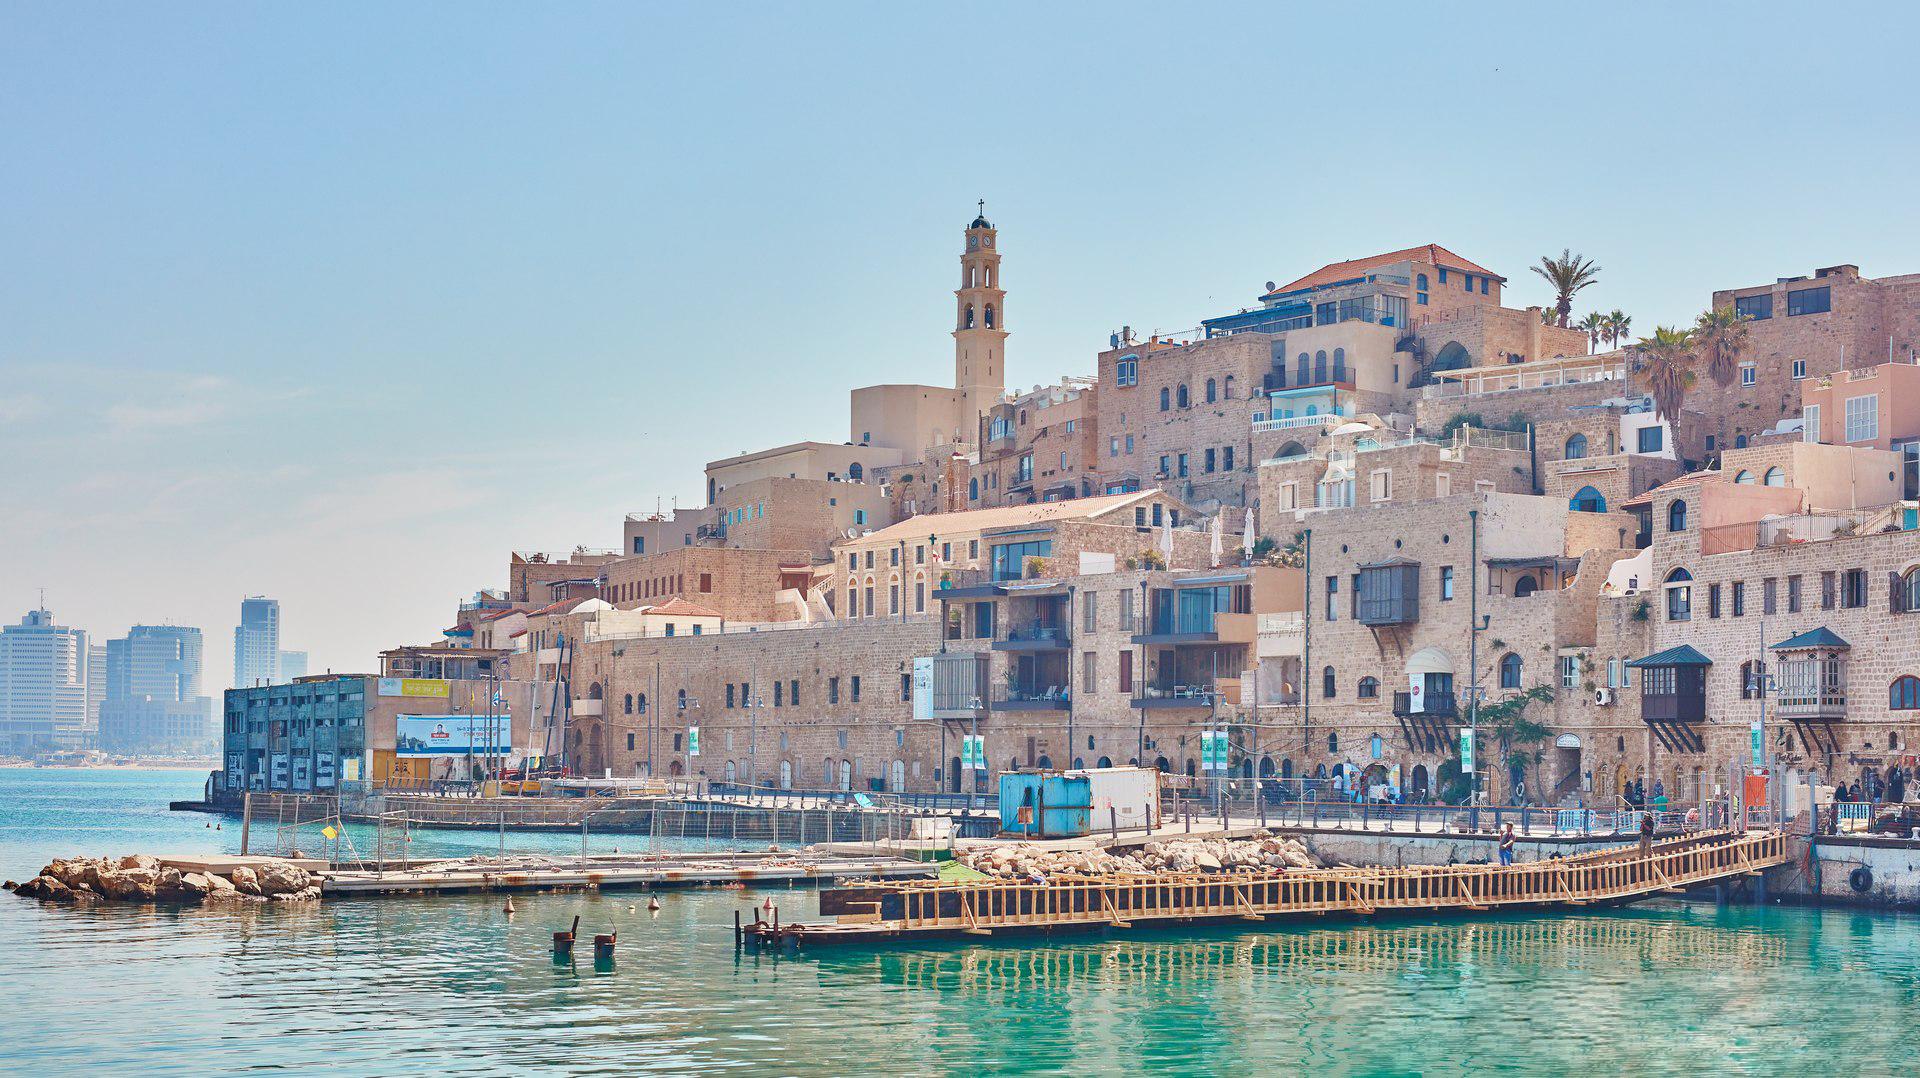 Тель-Авив: ТОП 10 достопримечательностей с фото и описанием